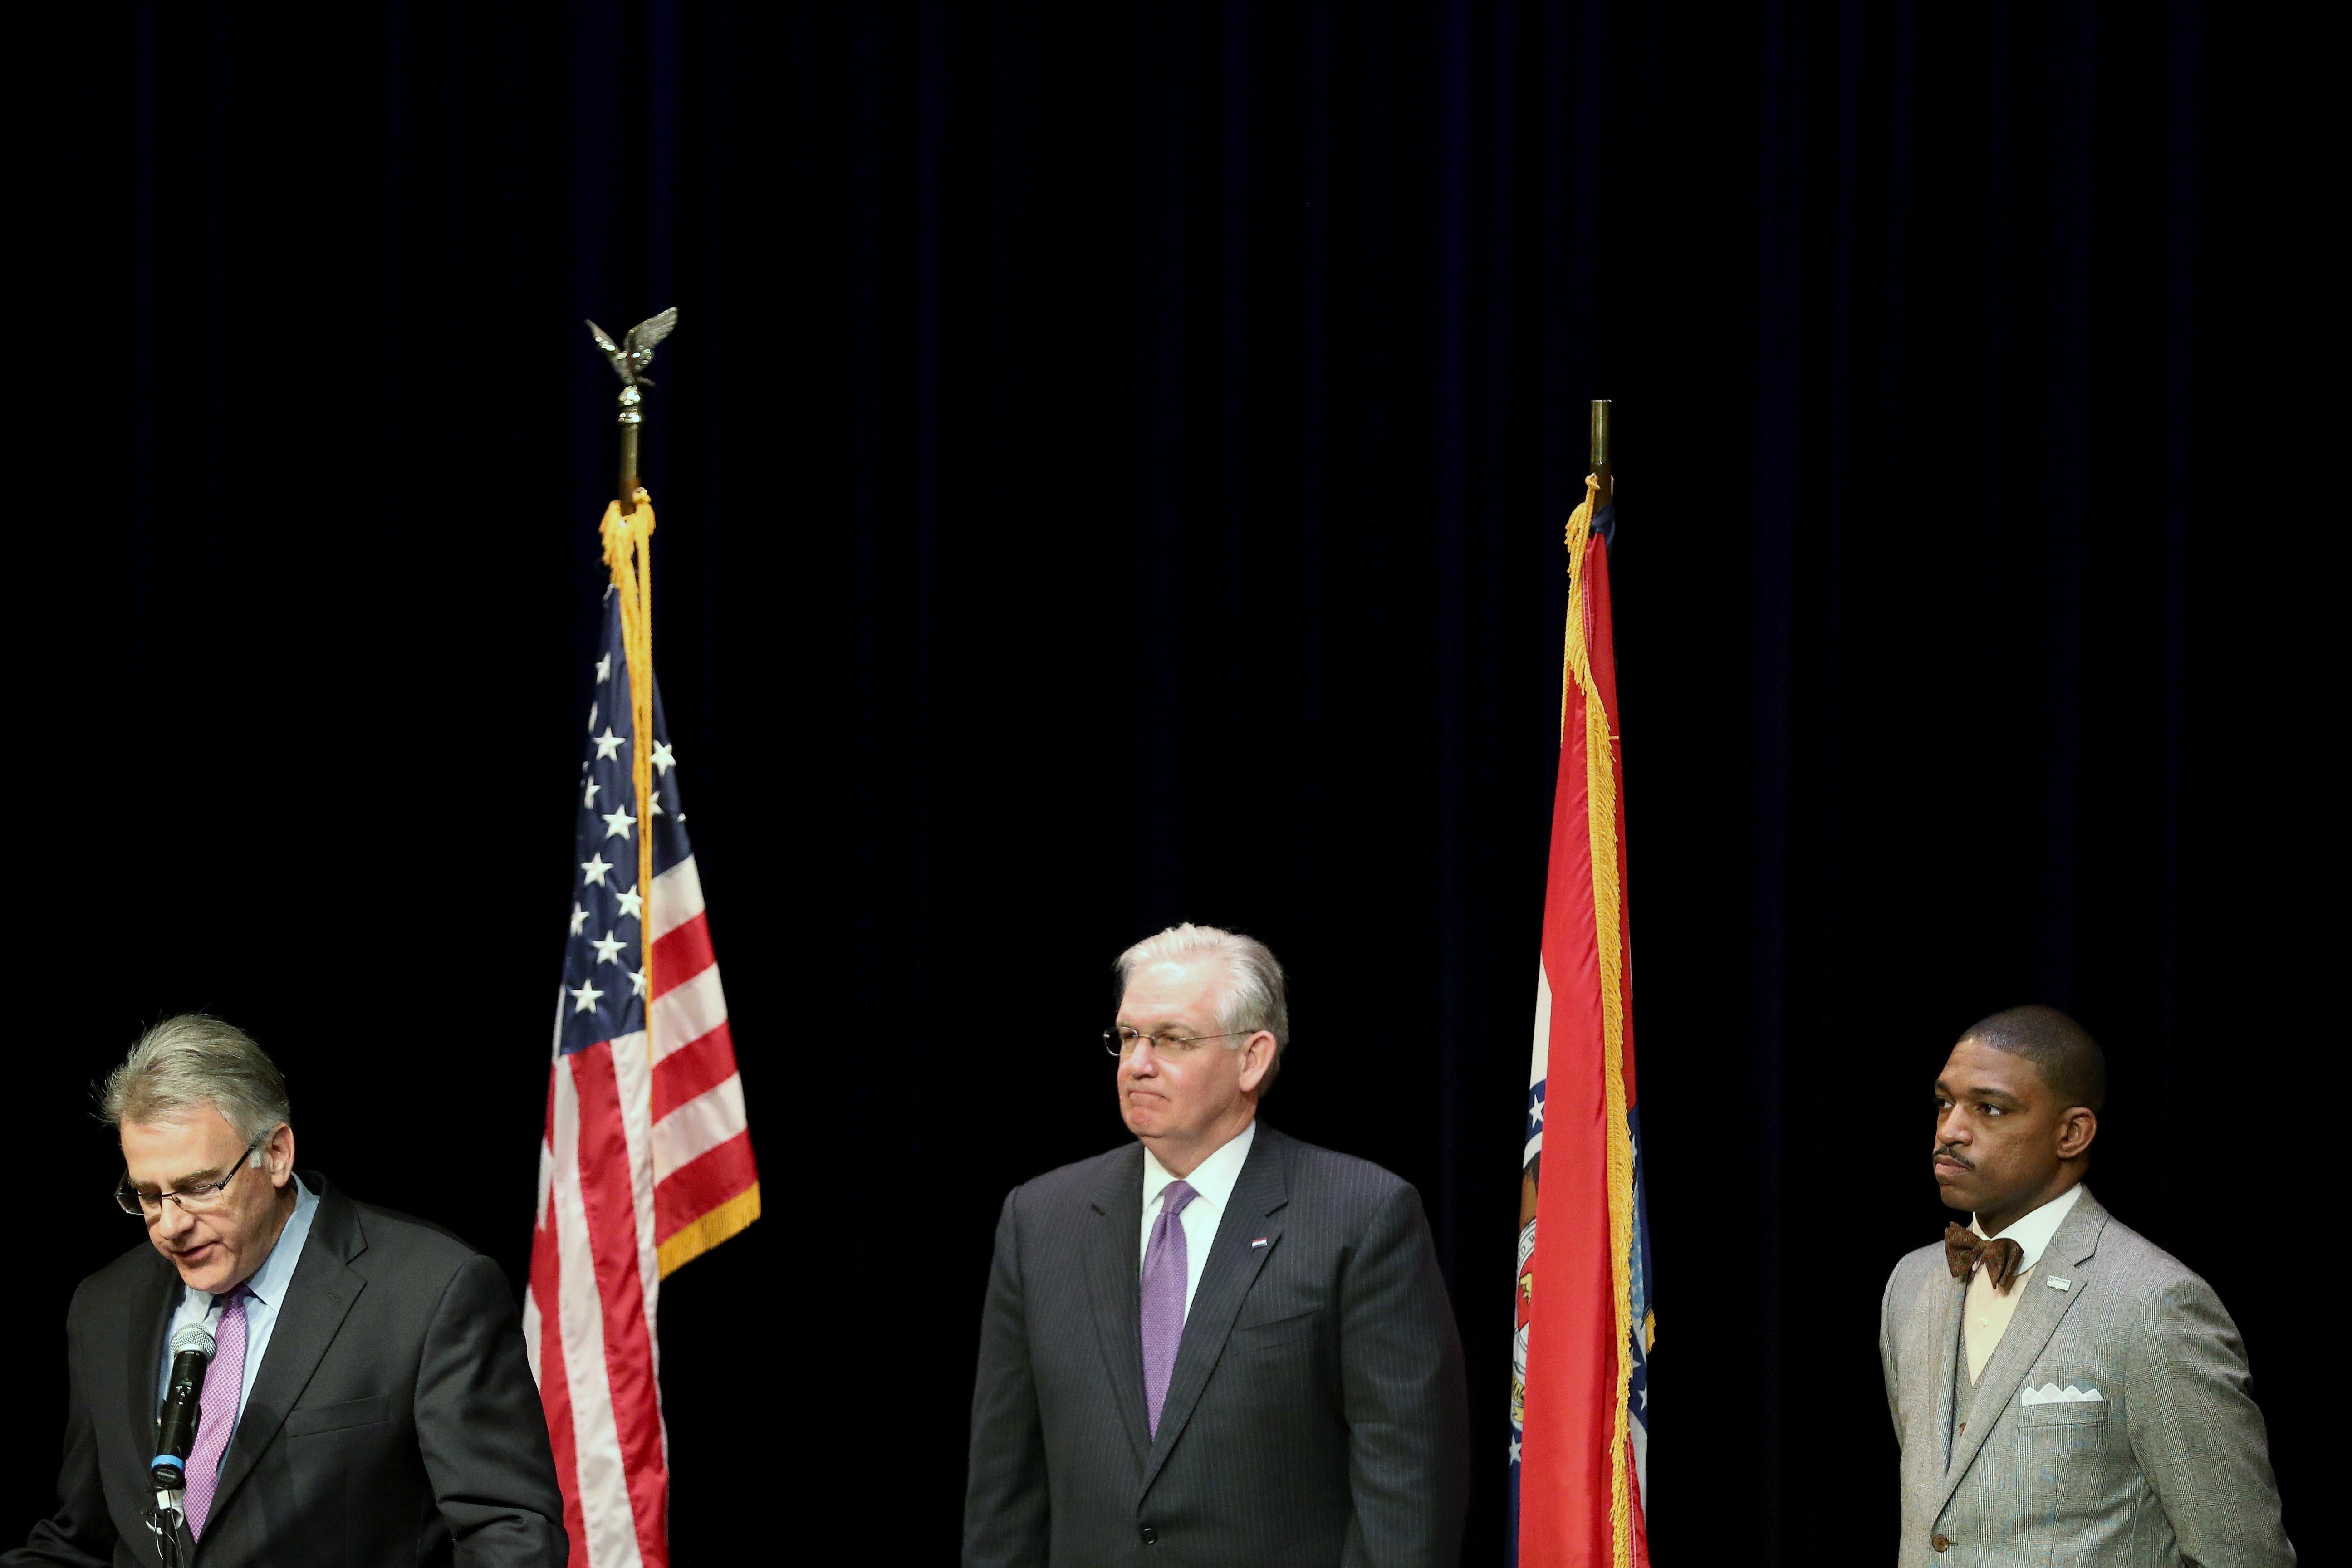 密苏里州州长尼克松宣布独立弗格森委员会成员名单